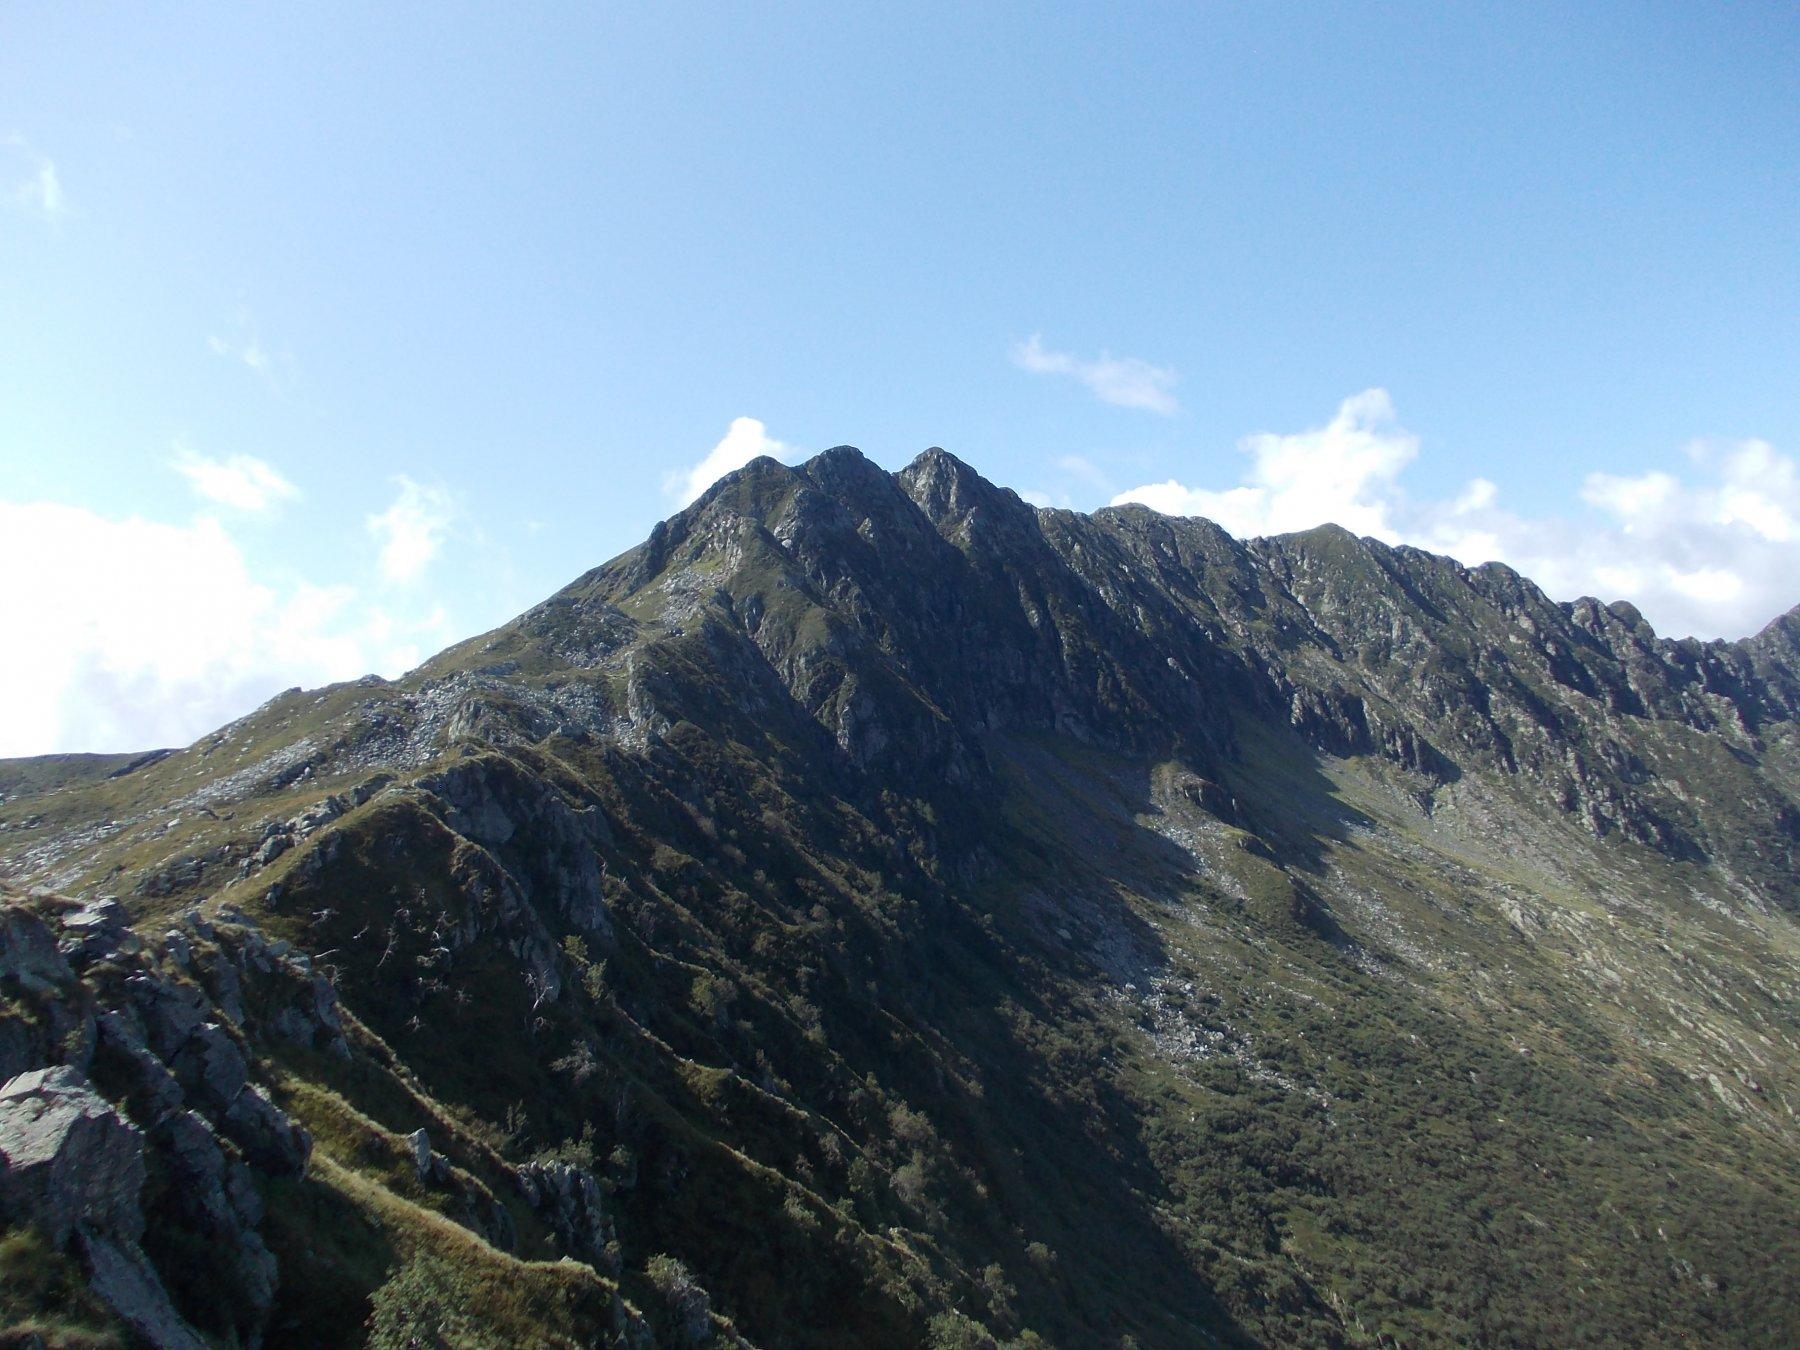 La prima parte di cresta con (da sx a dx) anticima Eyehorn, Eyehorn e Massone